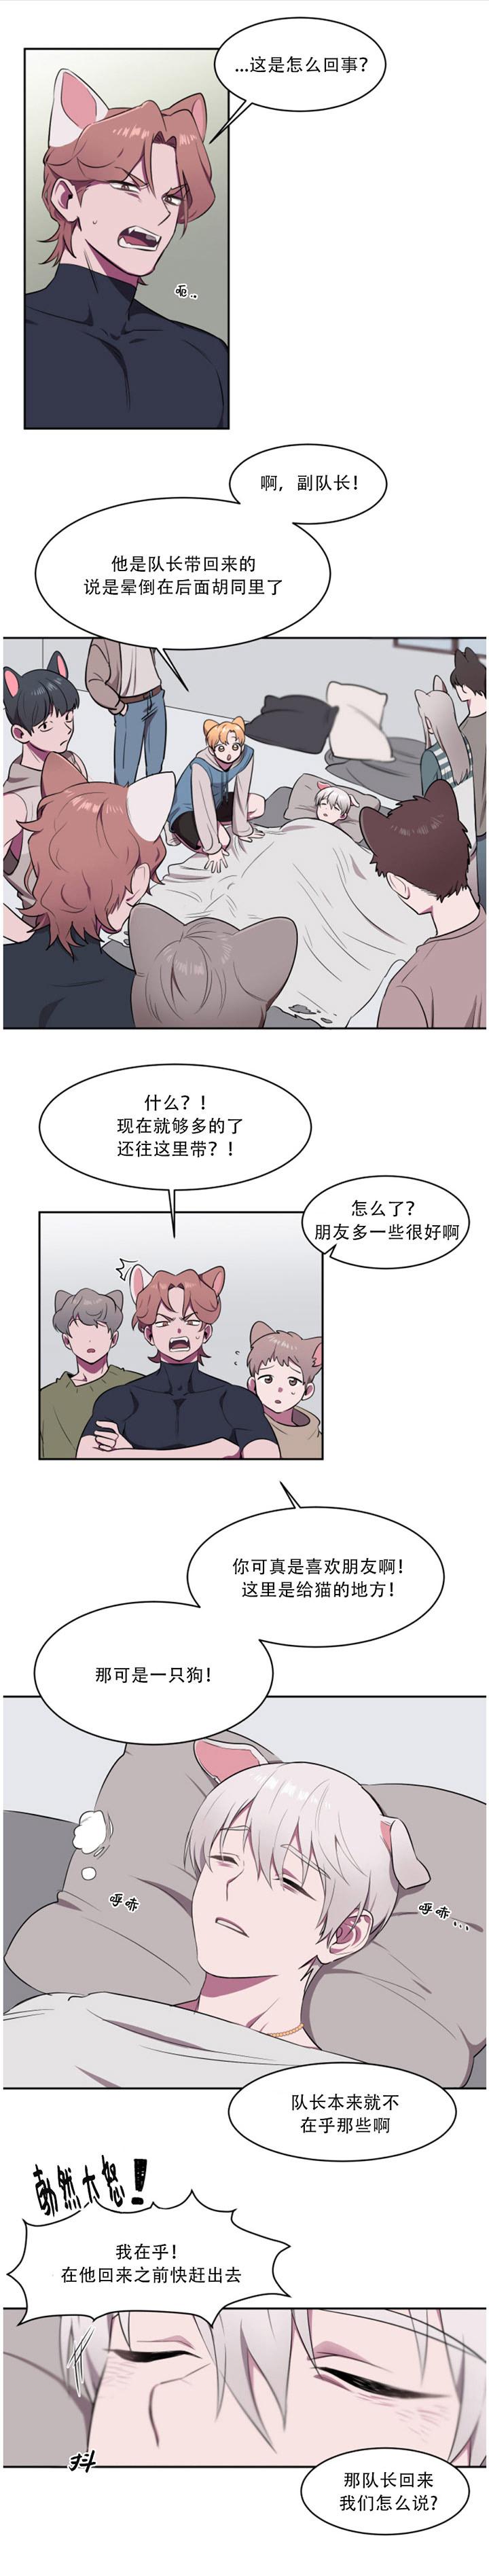 《爱的抉择》漫画完结韩漫 — 全集免费漫画阅读